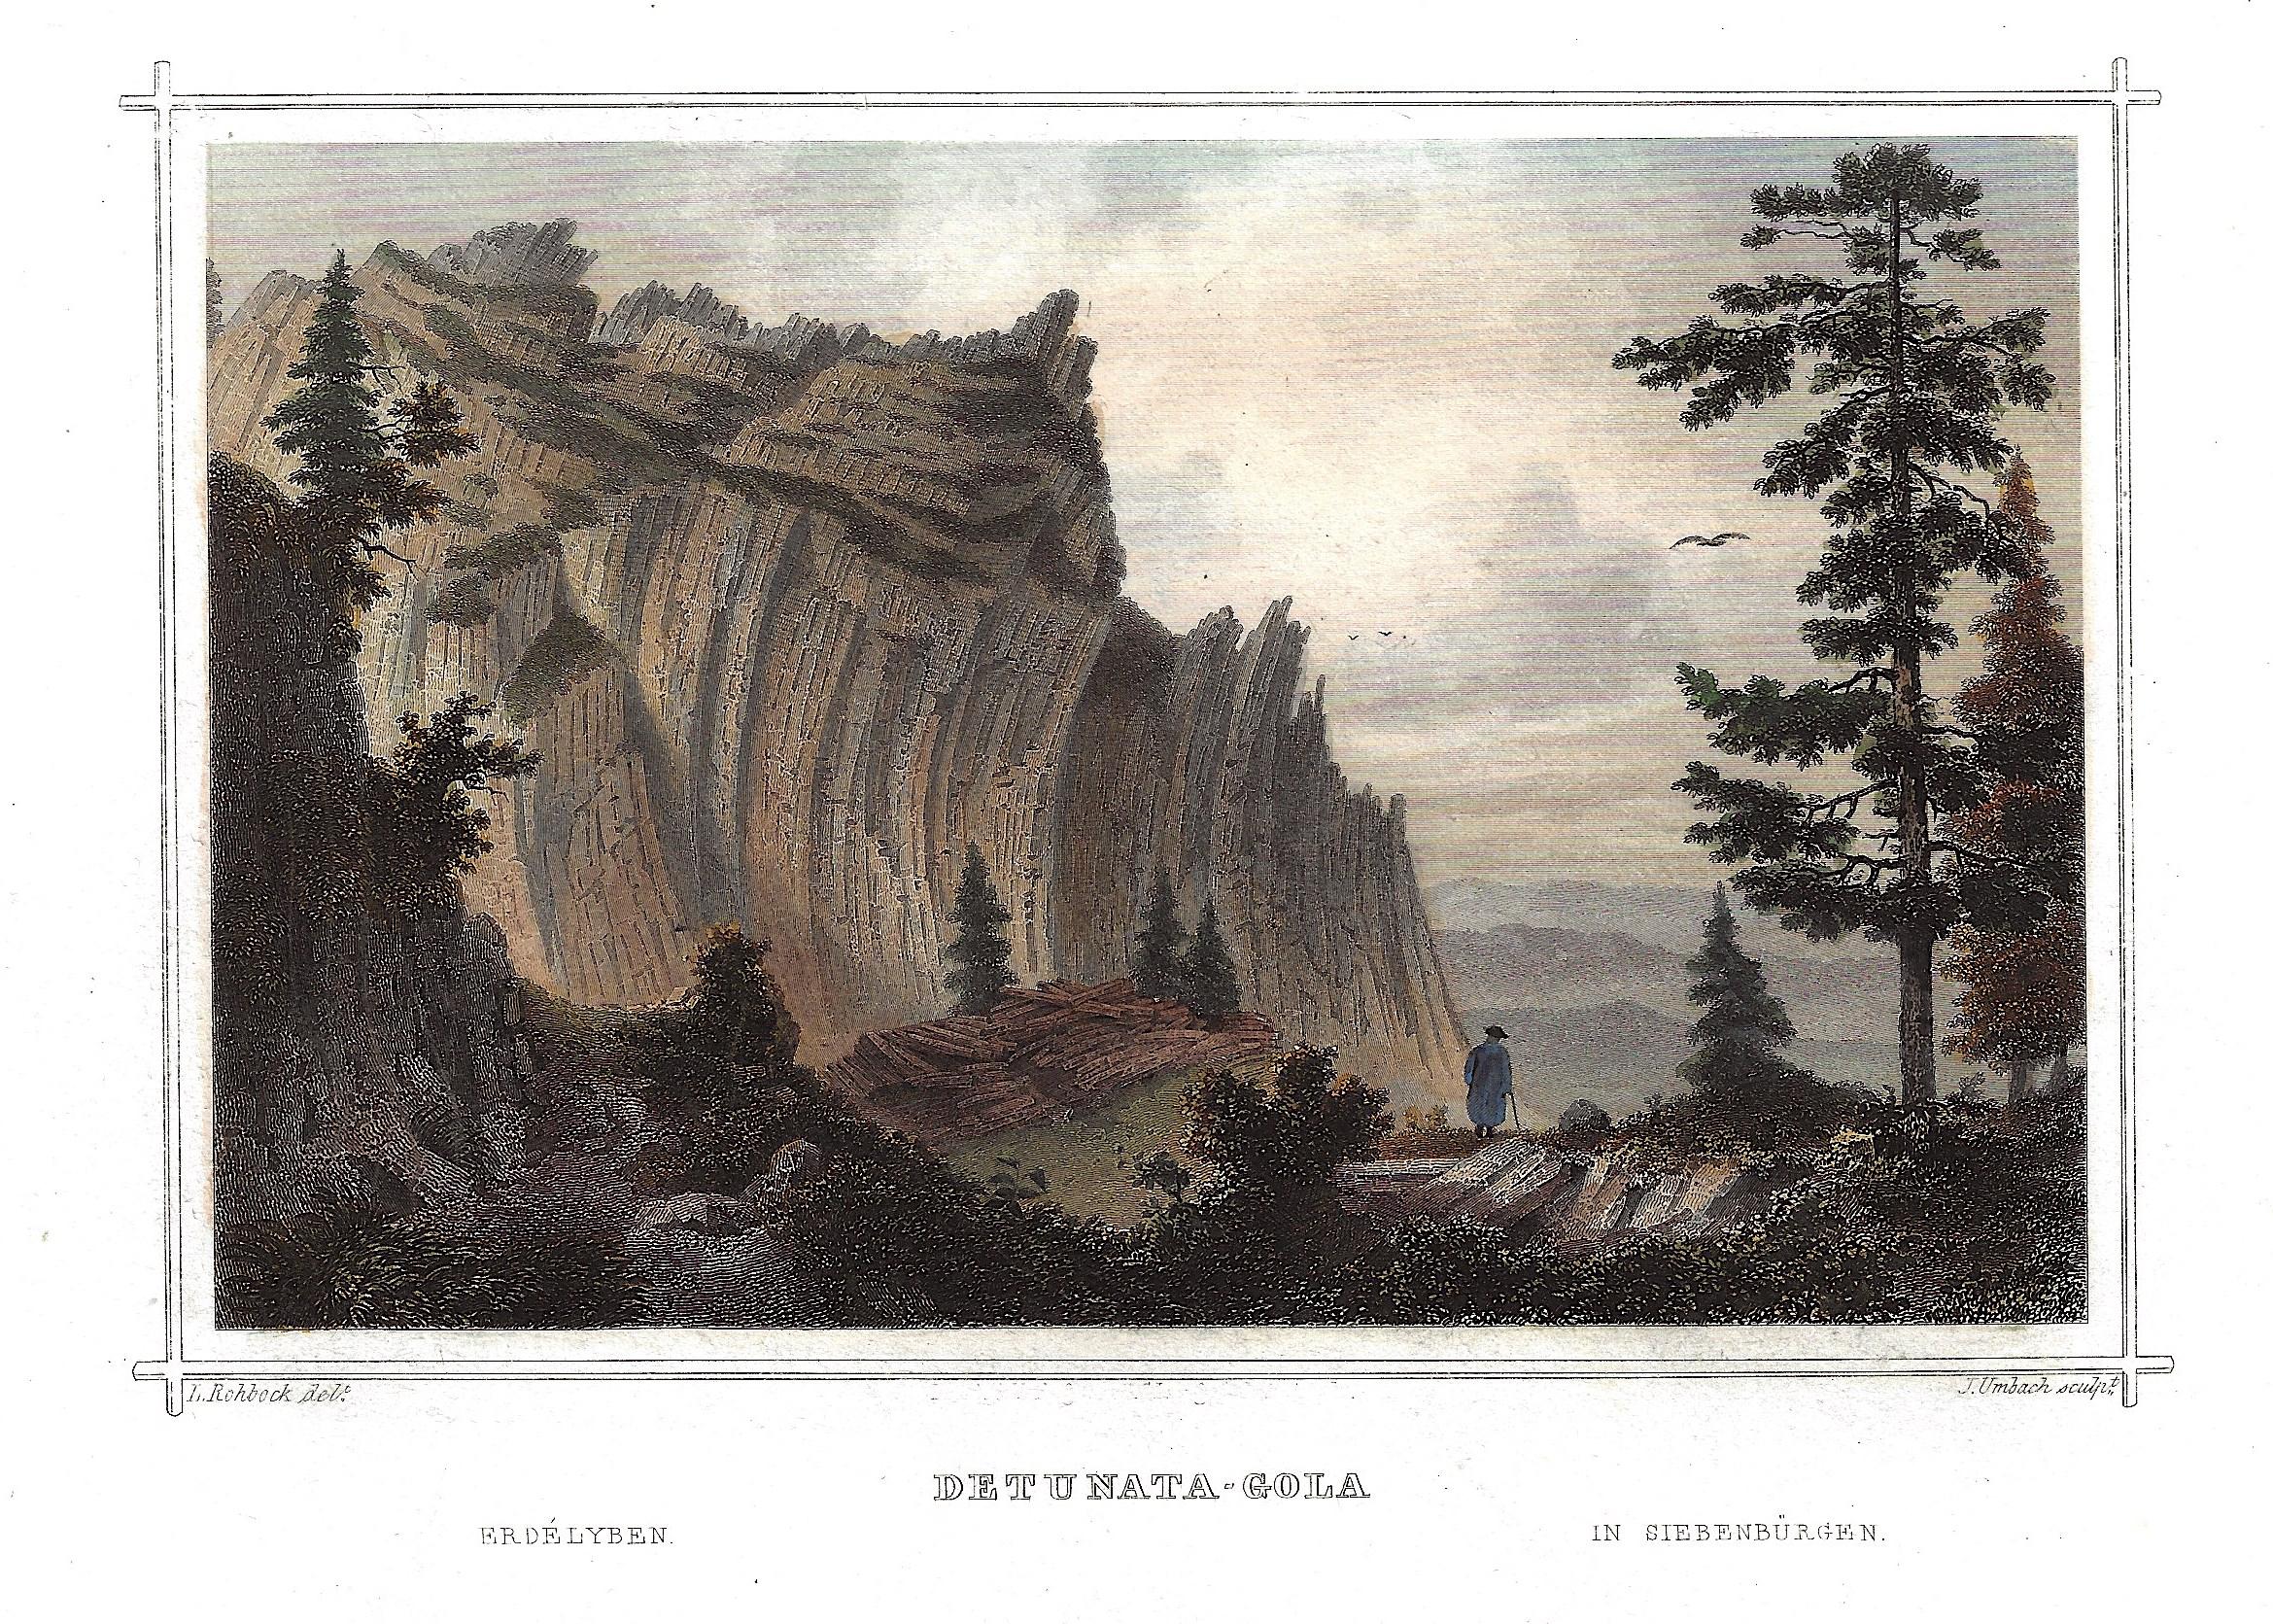 Umbach J. Detunata-Gola